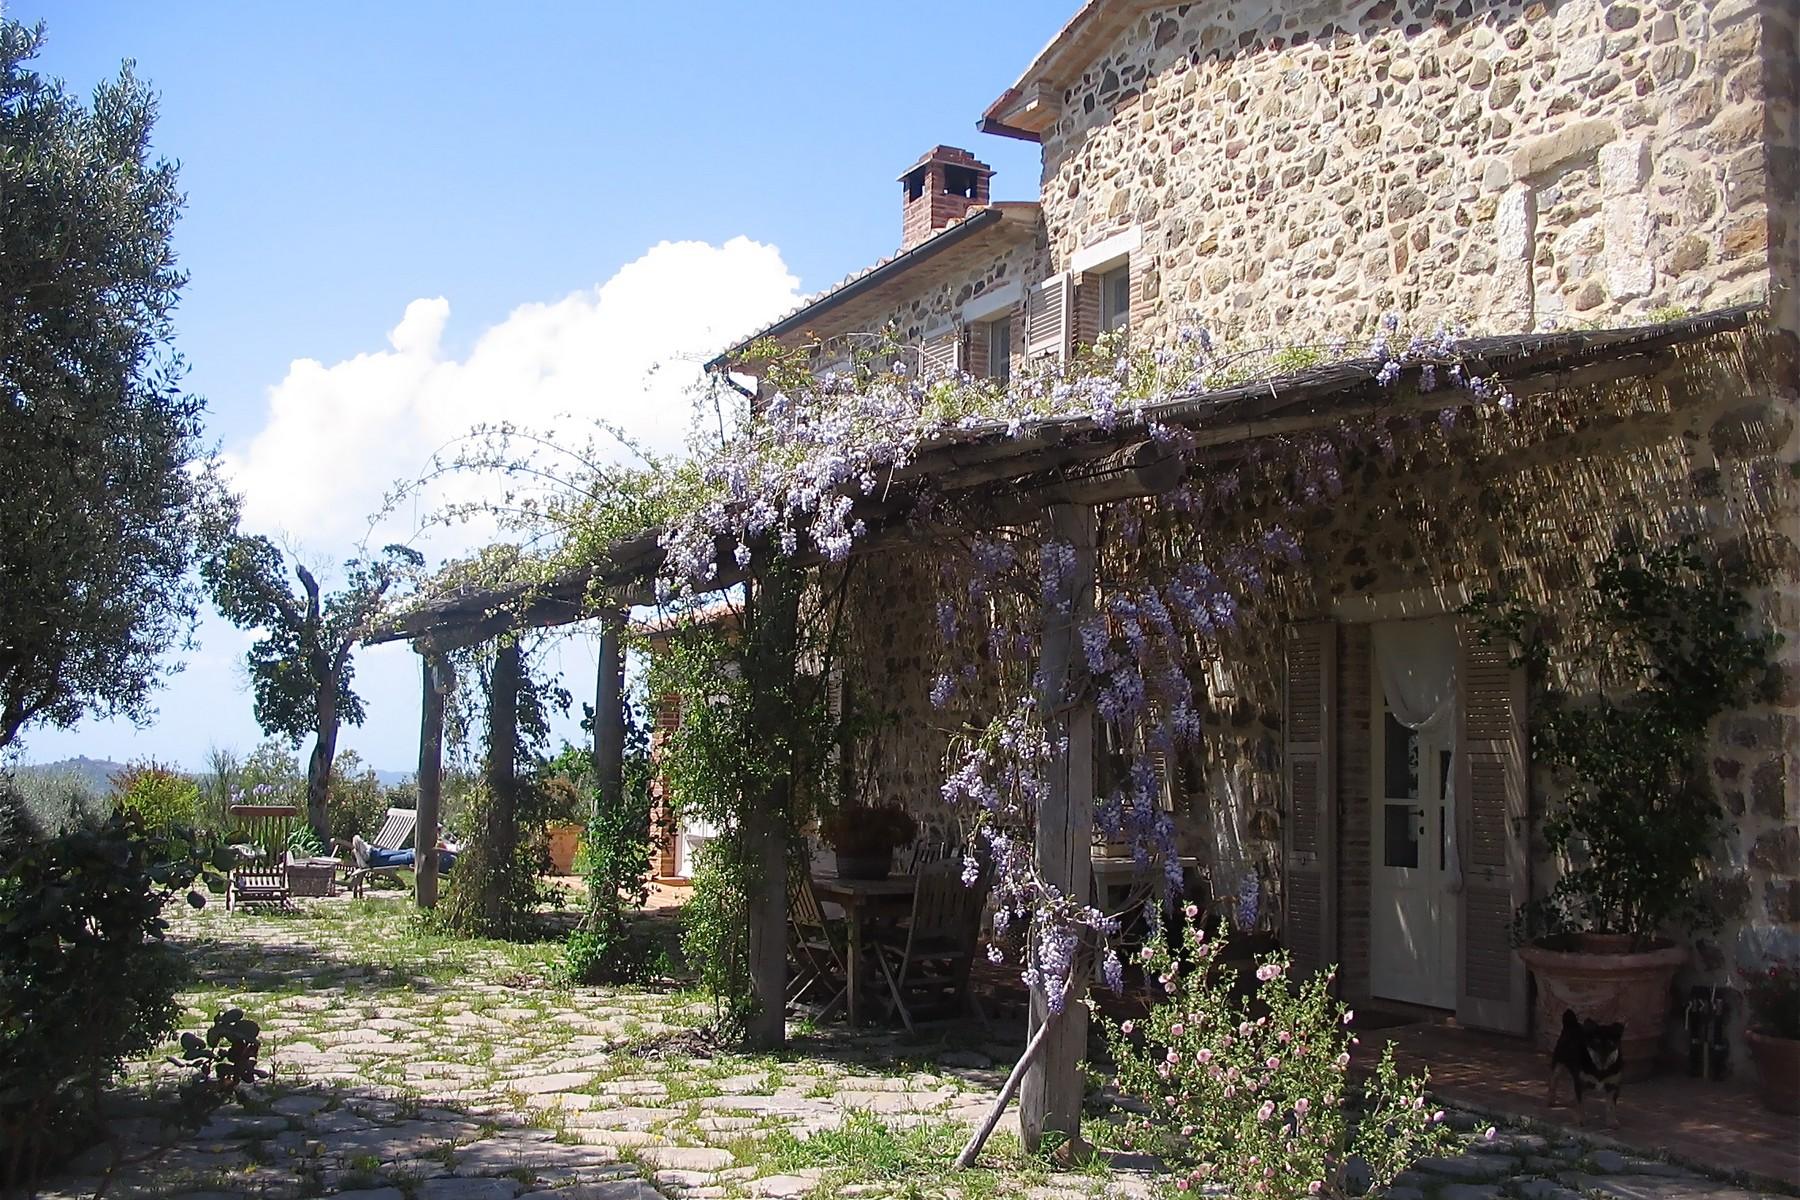 Rustico in Vendita a Manciano: 5 locali, 180 mq - Foto 7